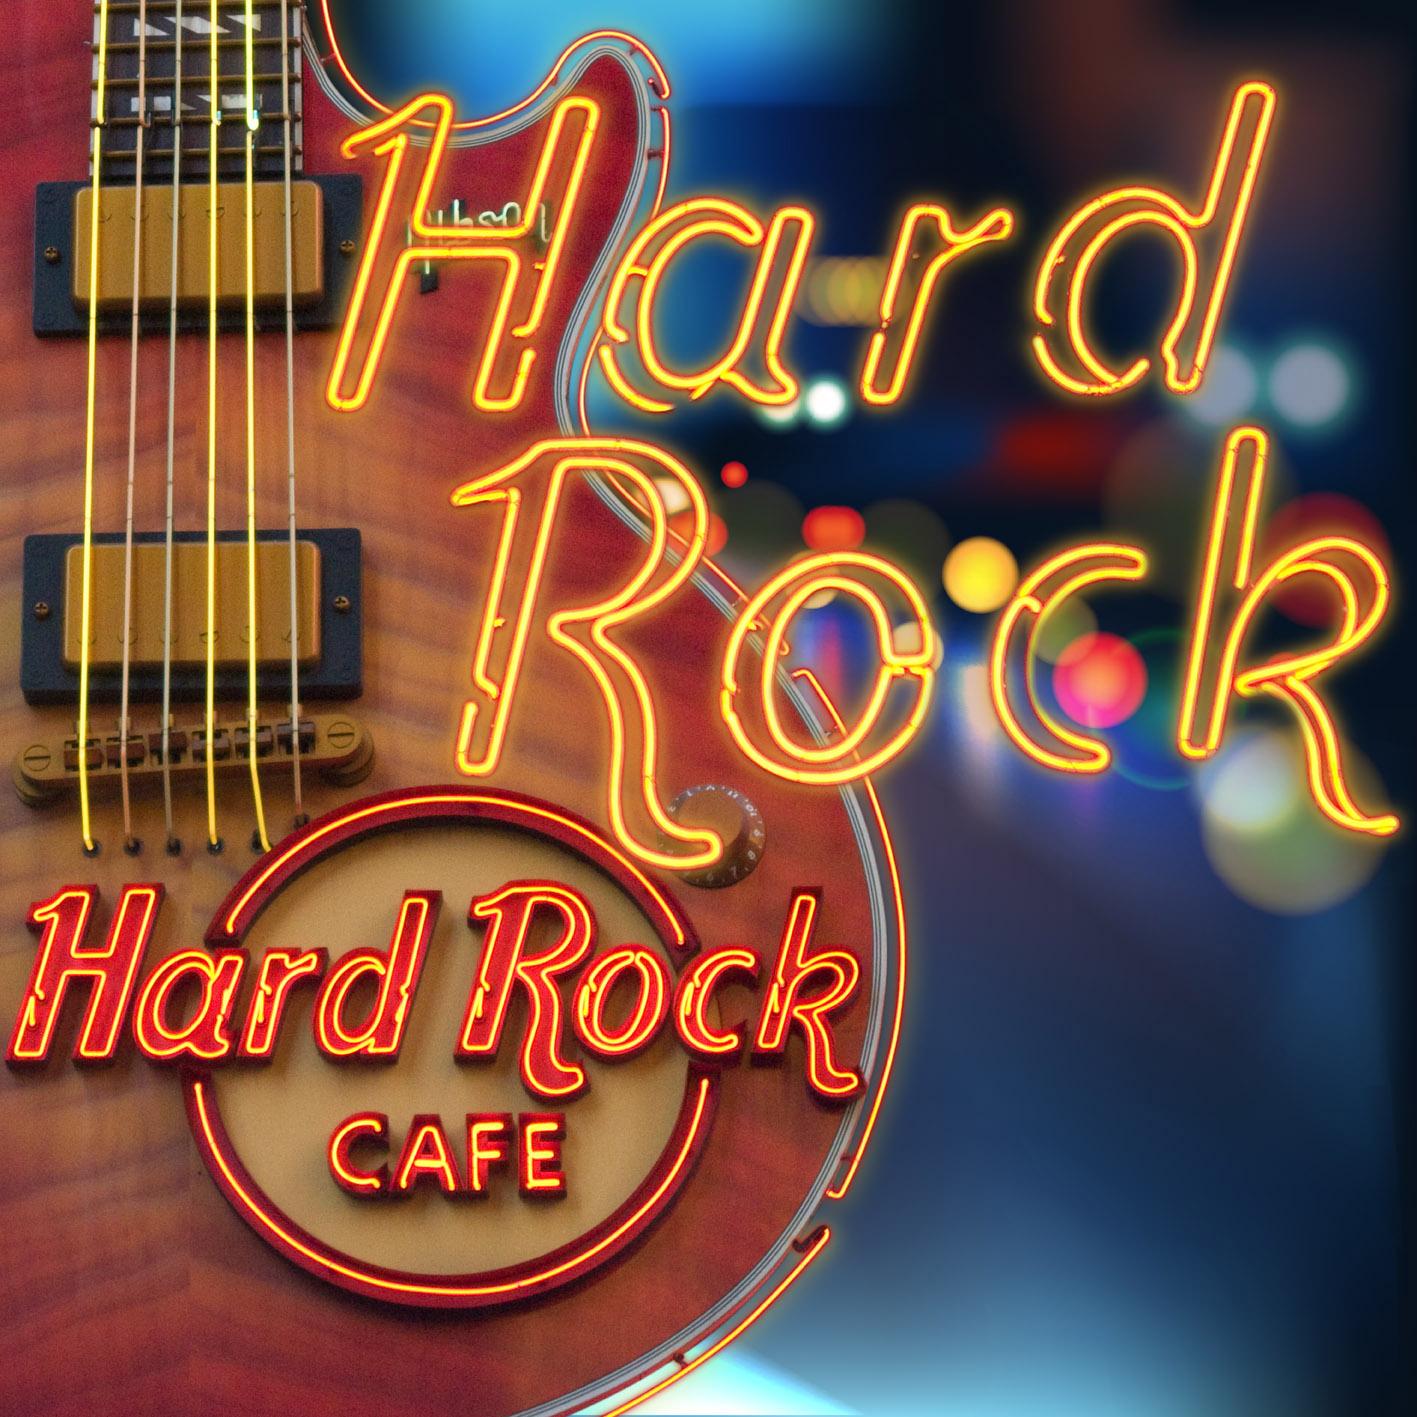 Hard Rock Cafee